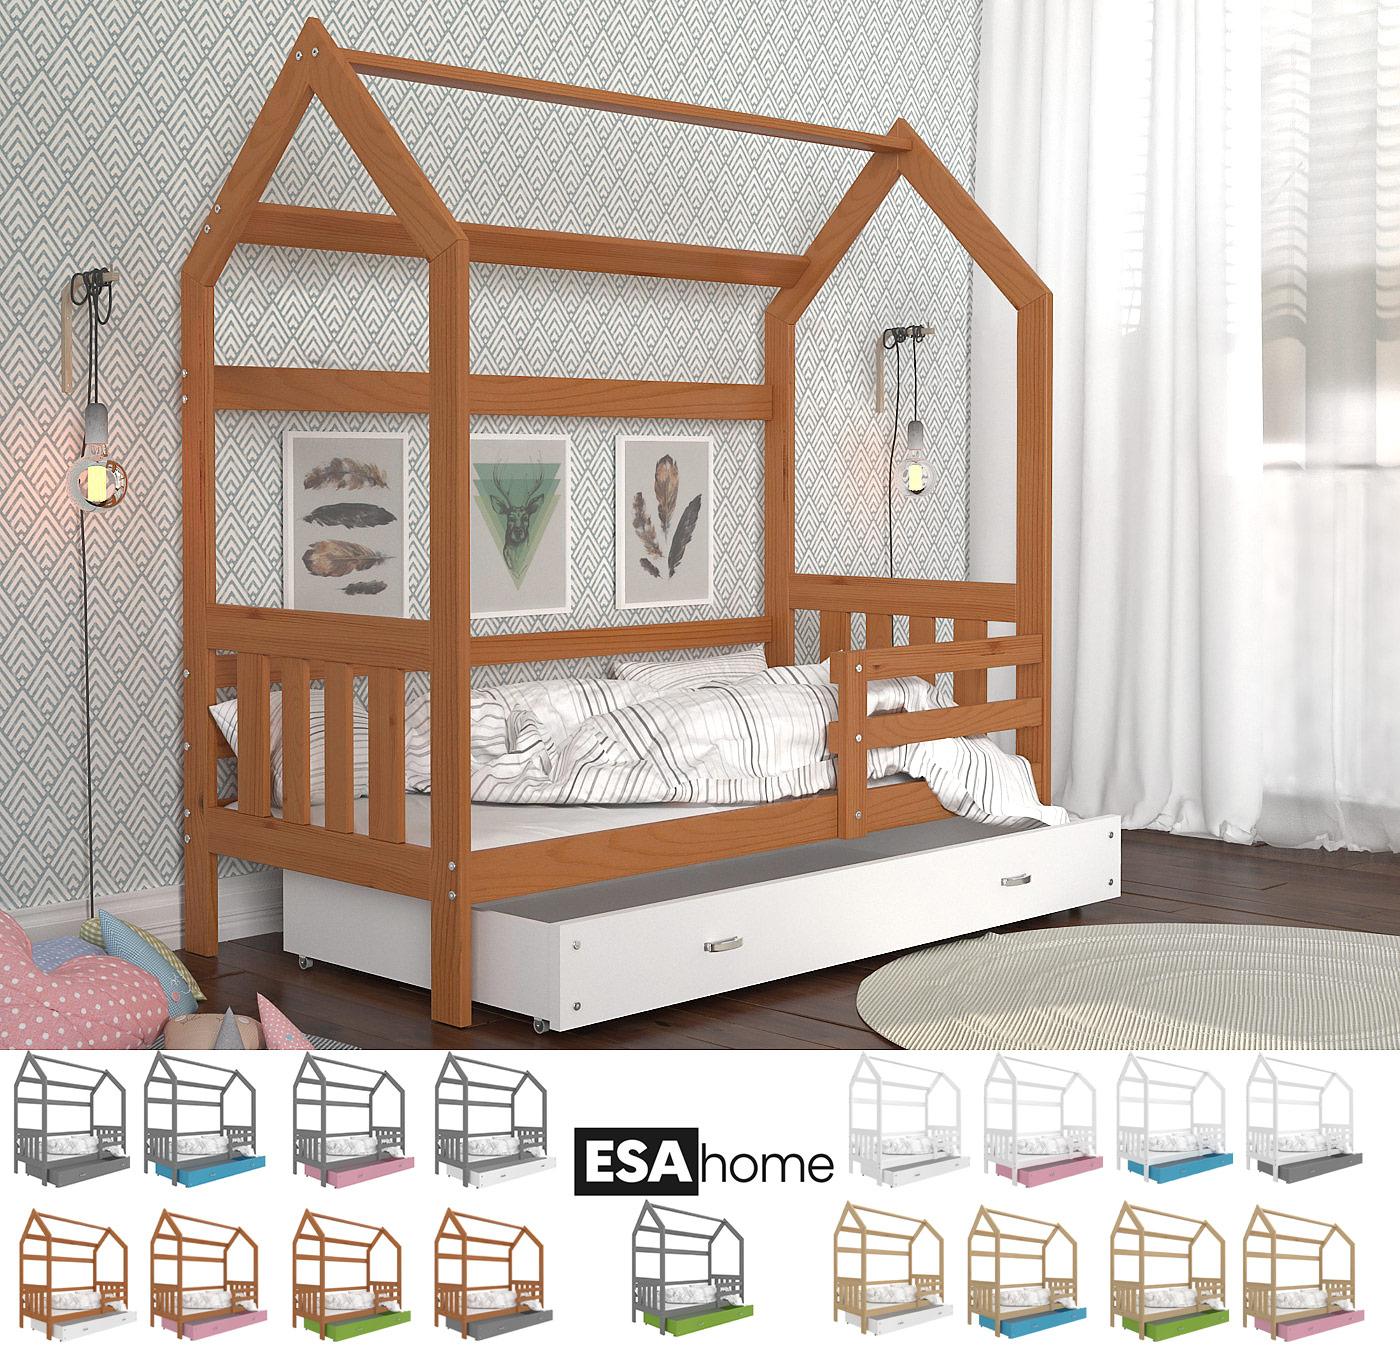 Full Size of Hausbett 100x200 Mit Unterbett Bettkasten Selber Bauen Real Ticaa 90x200 Bett Weiß Betten Wohnzimmer Hausbett 100x200